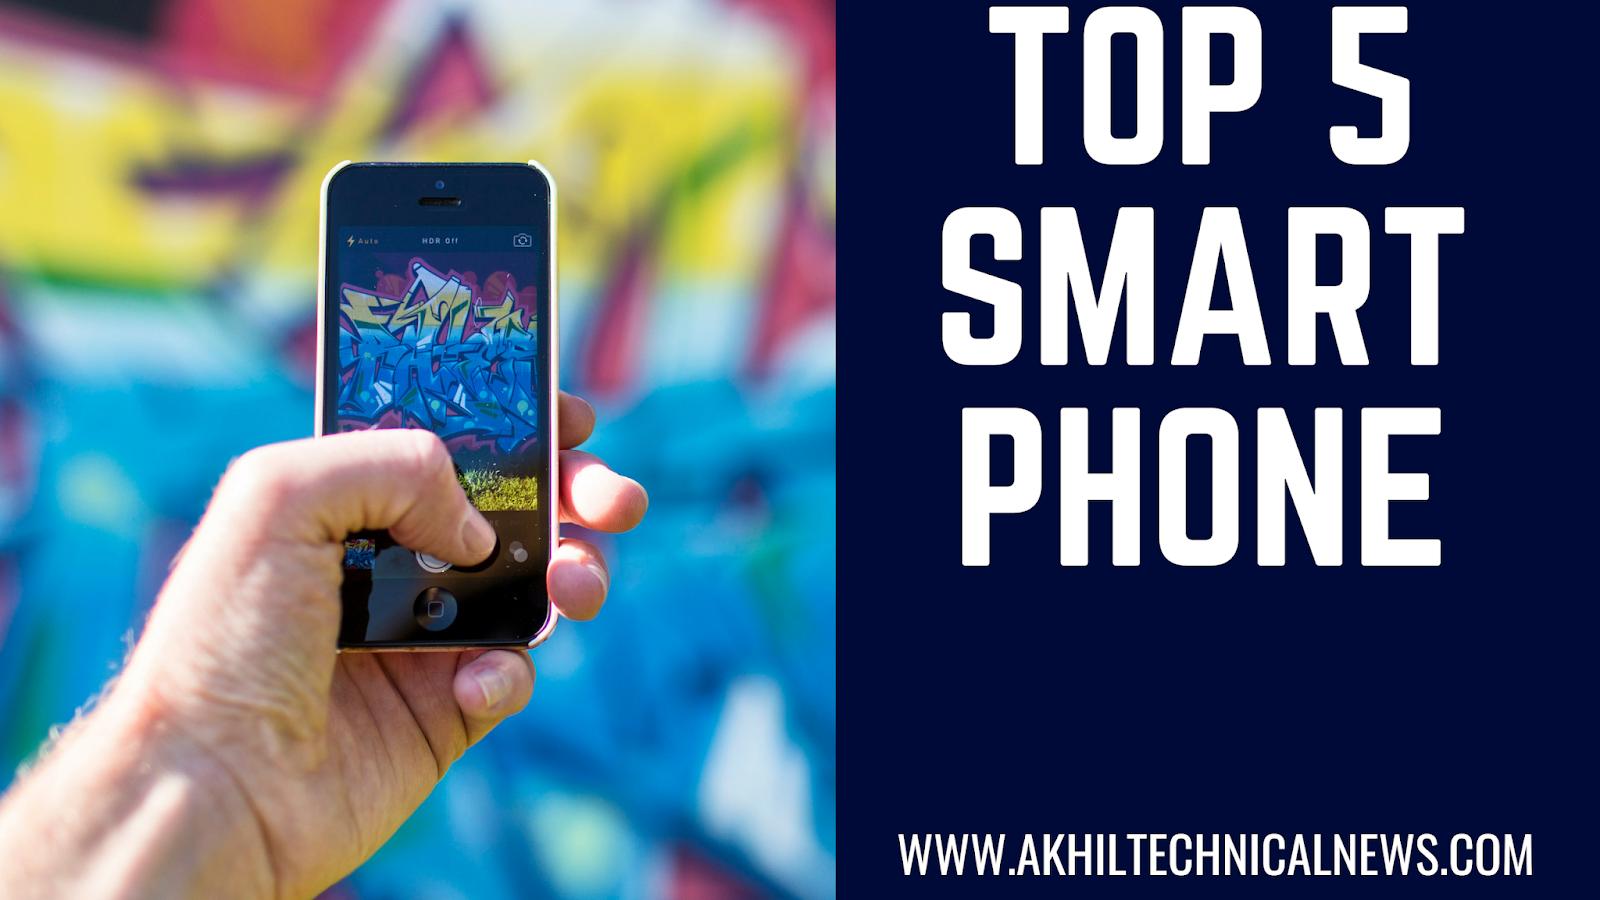 Best under 15,000 smartphones 2018 in India